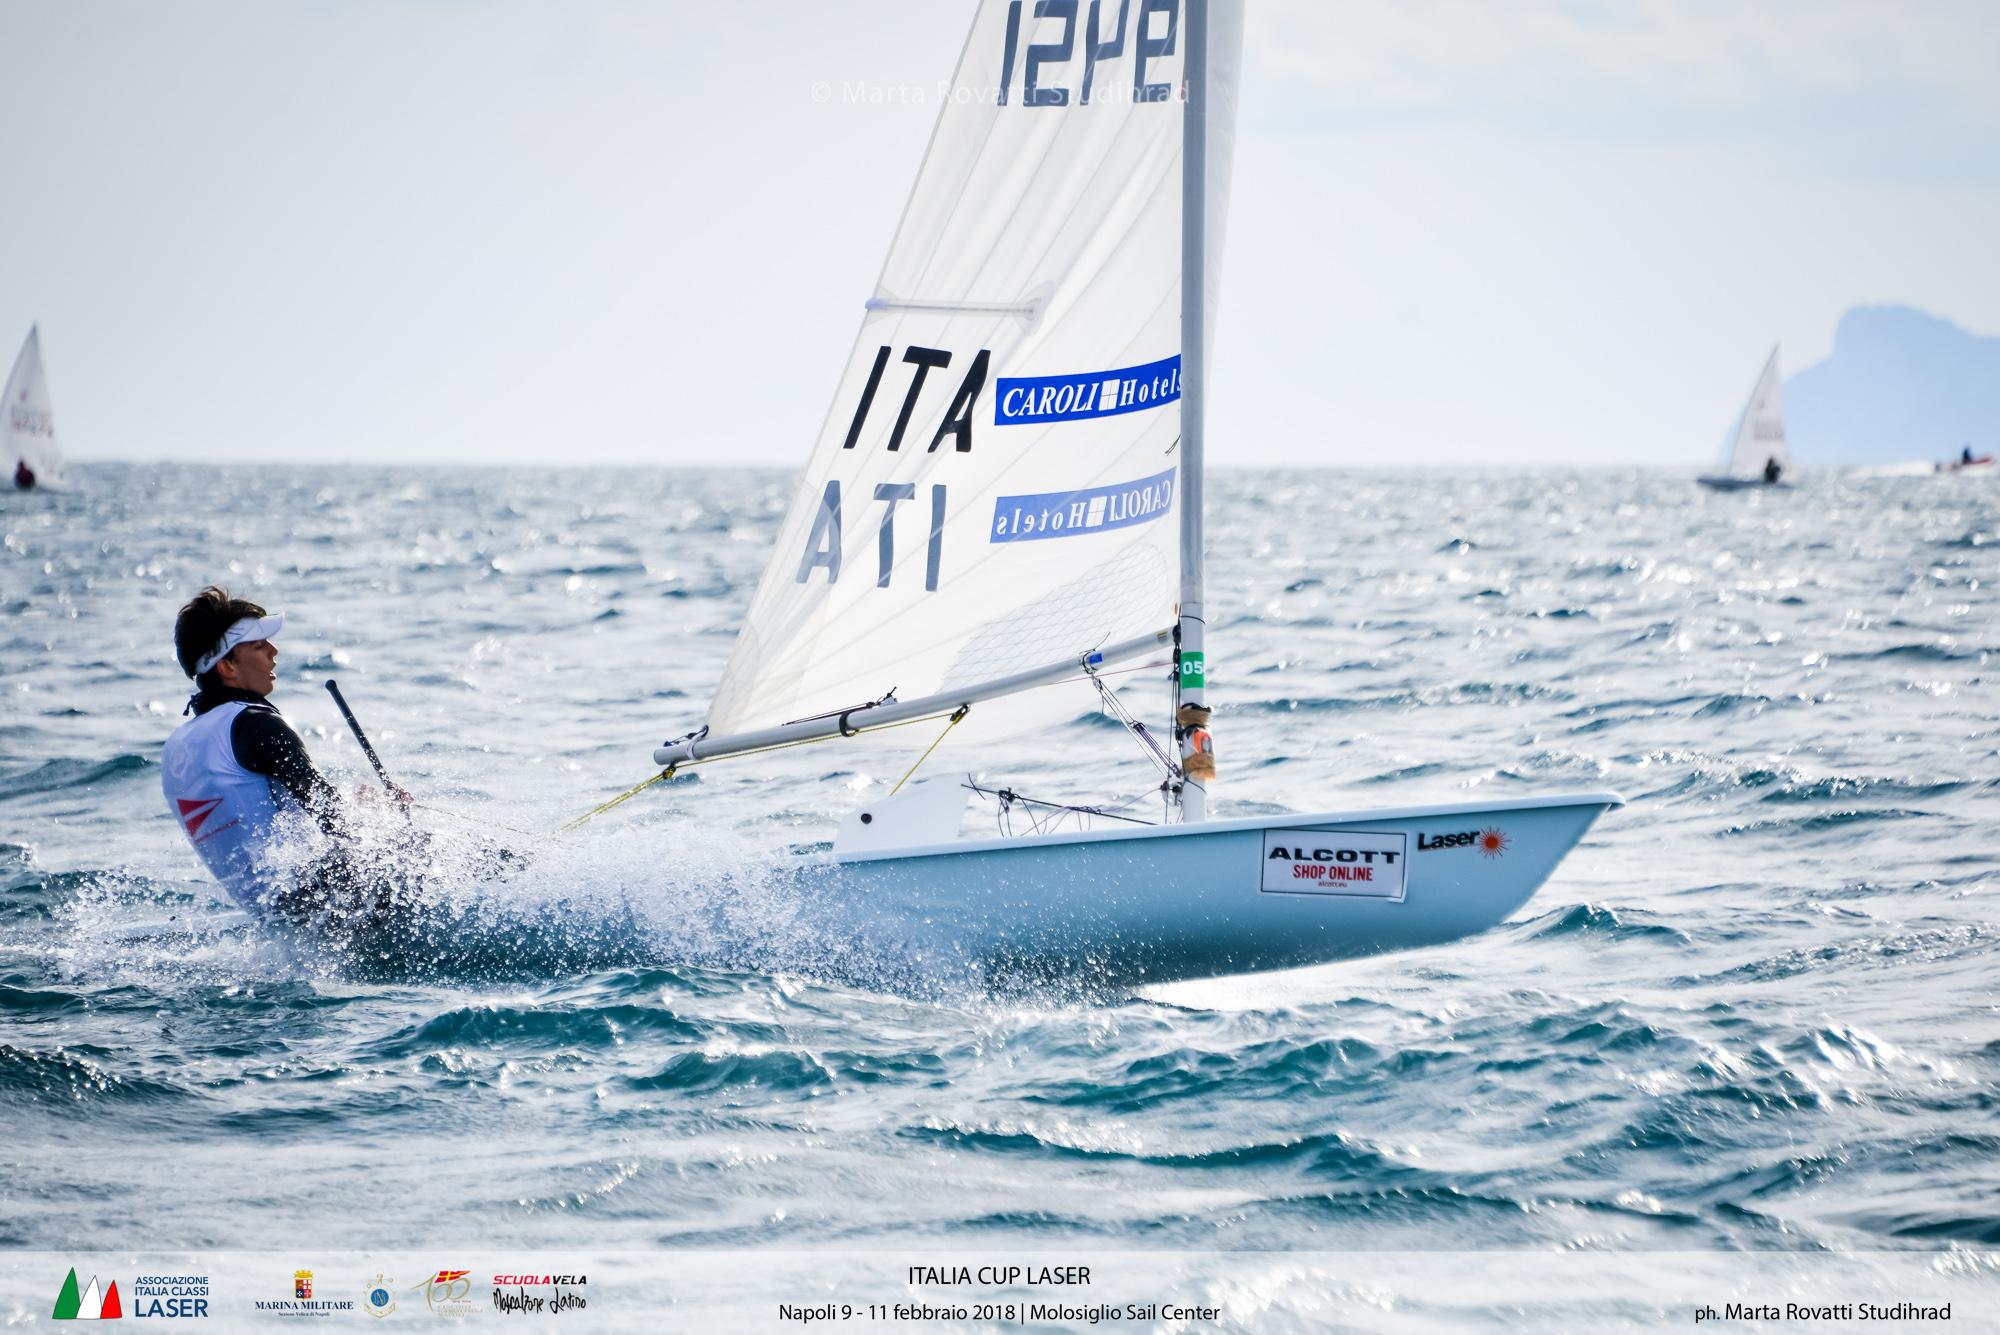 Associazione-Italia-Classi-Laser-2018-NapoliMGR_1954